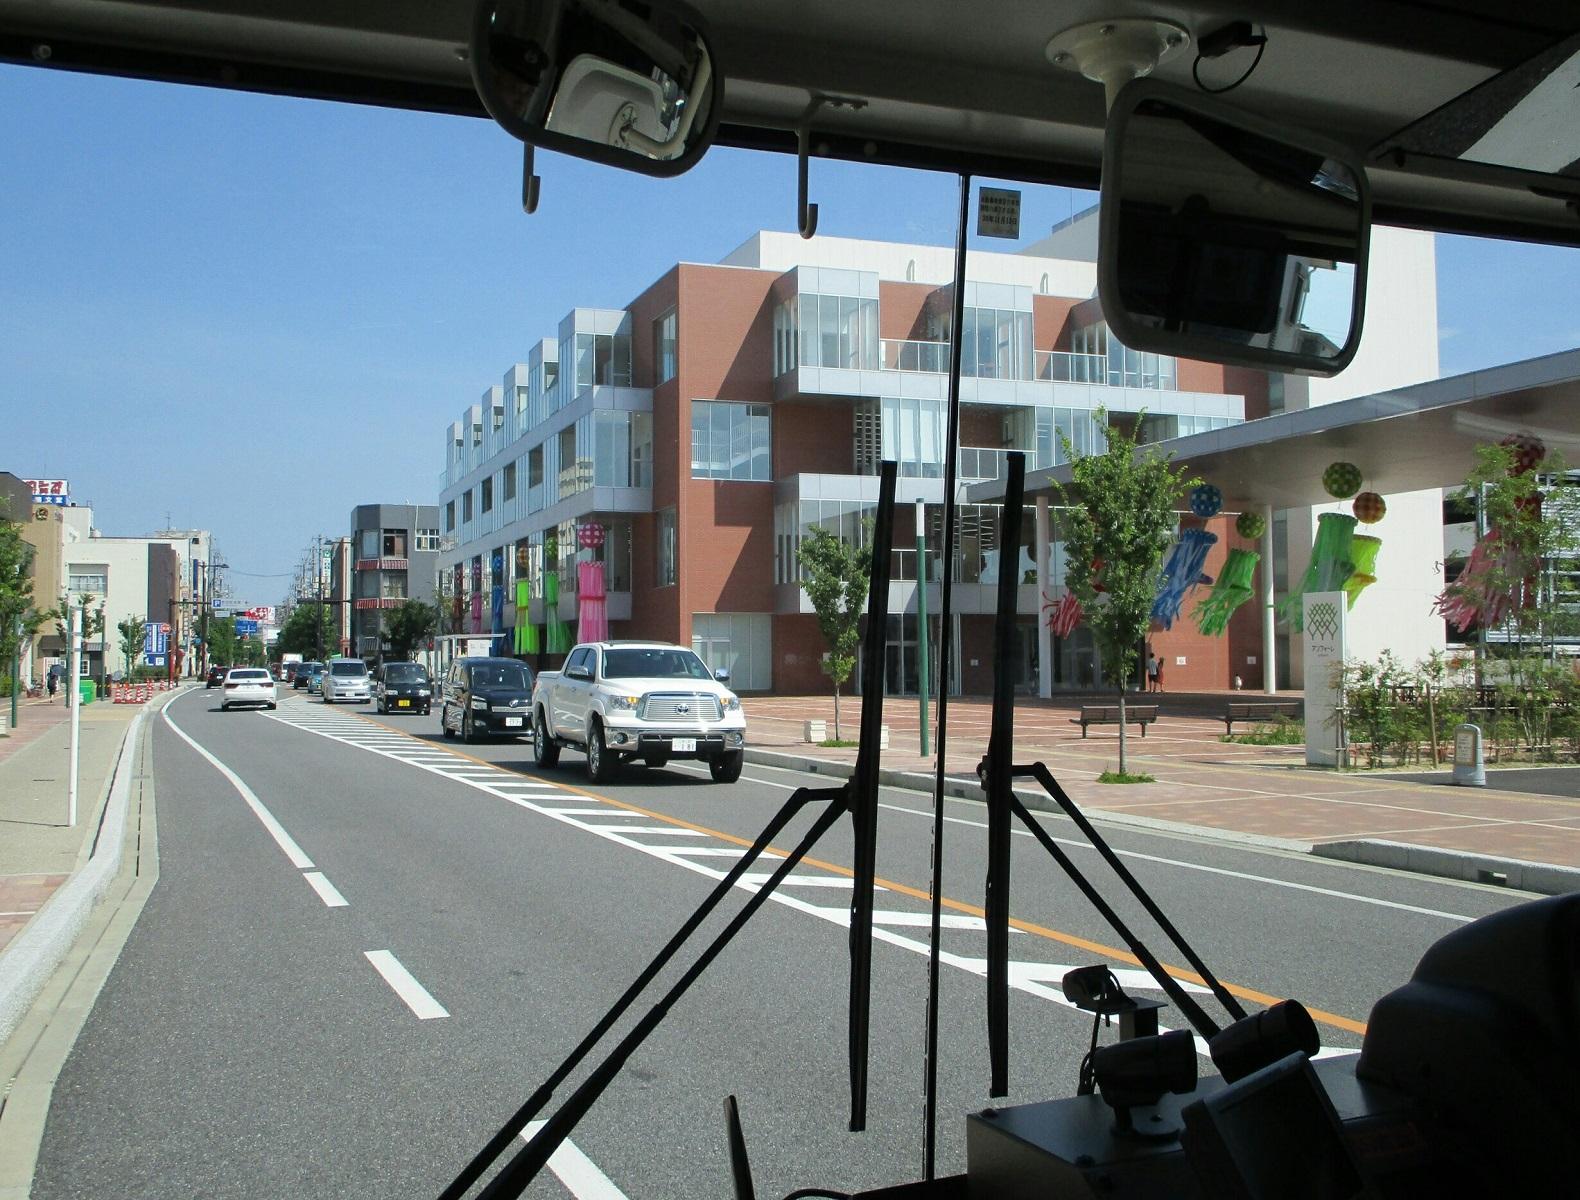 2018.7.14 (9) 更生病院いきバス - アンフォーレ 1580-1200